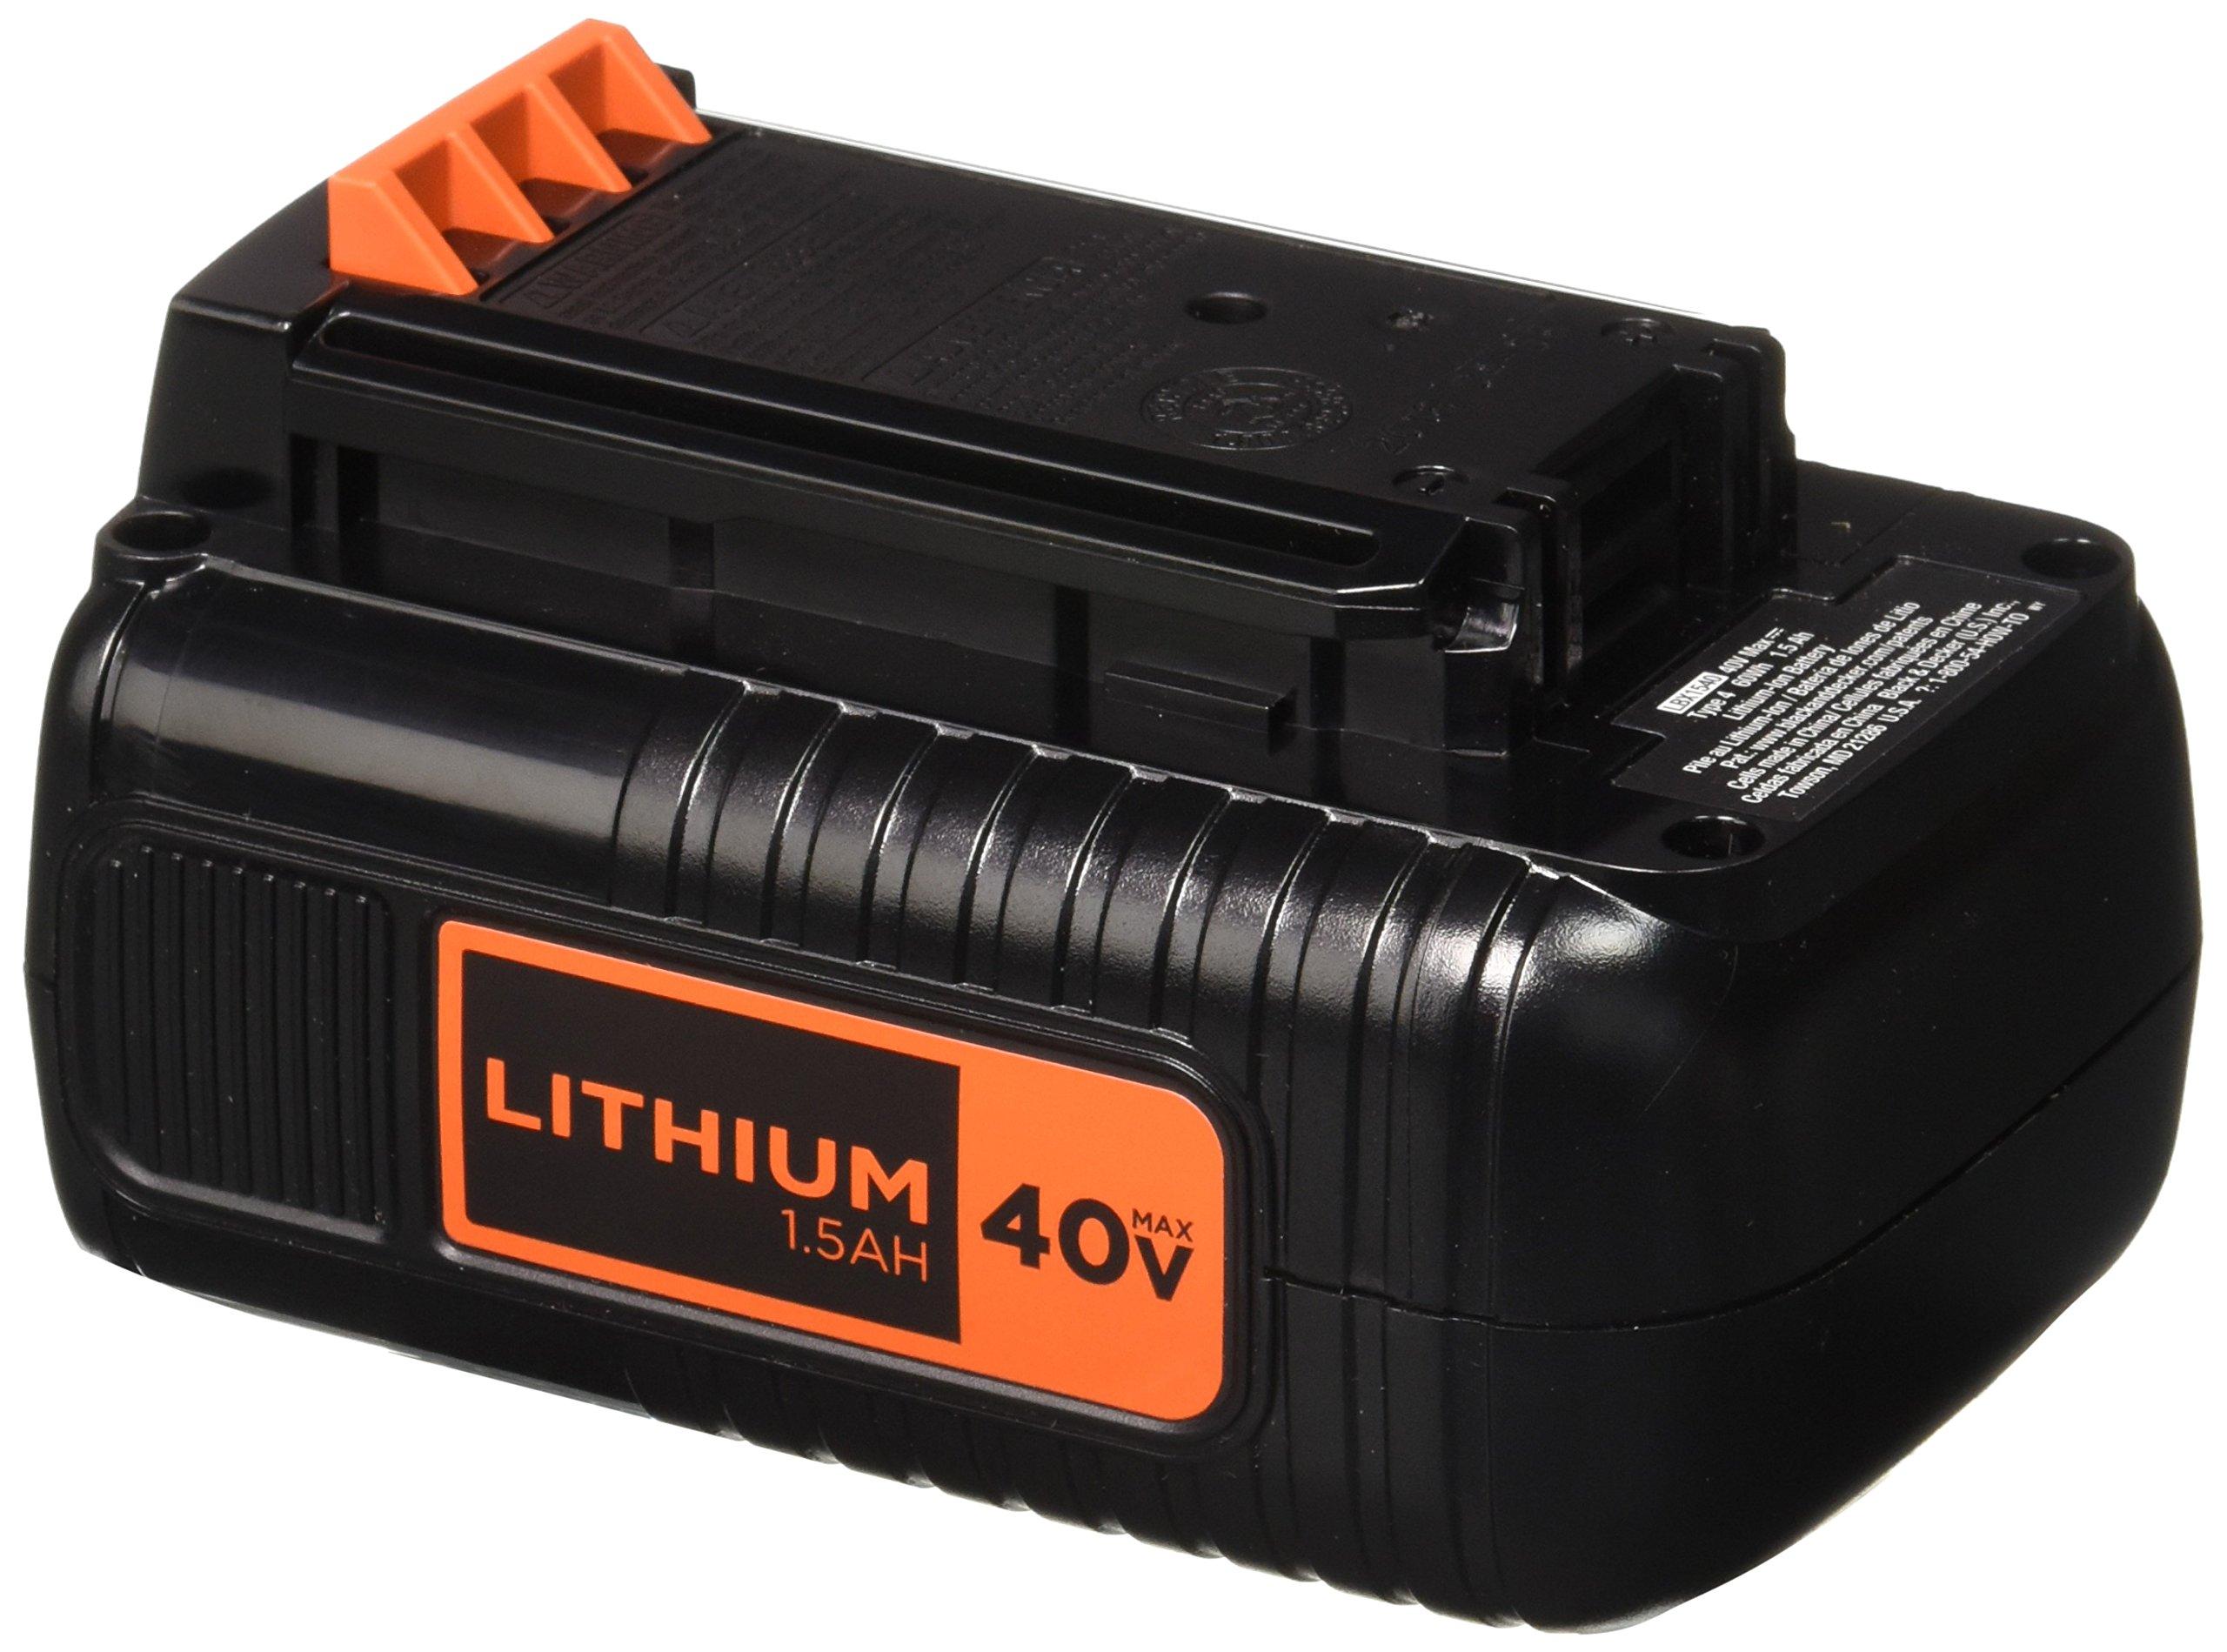 2 Baterias Originales BLACKDECKER LBX1540-2 40V